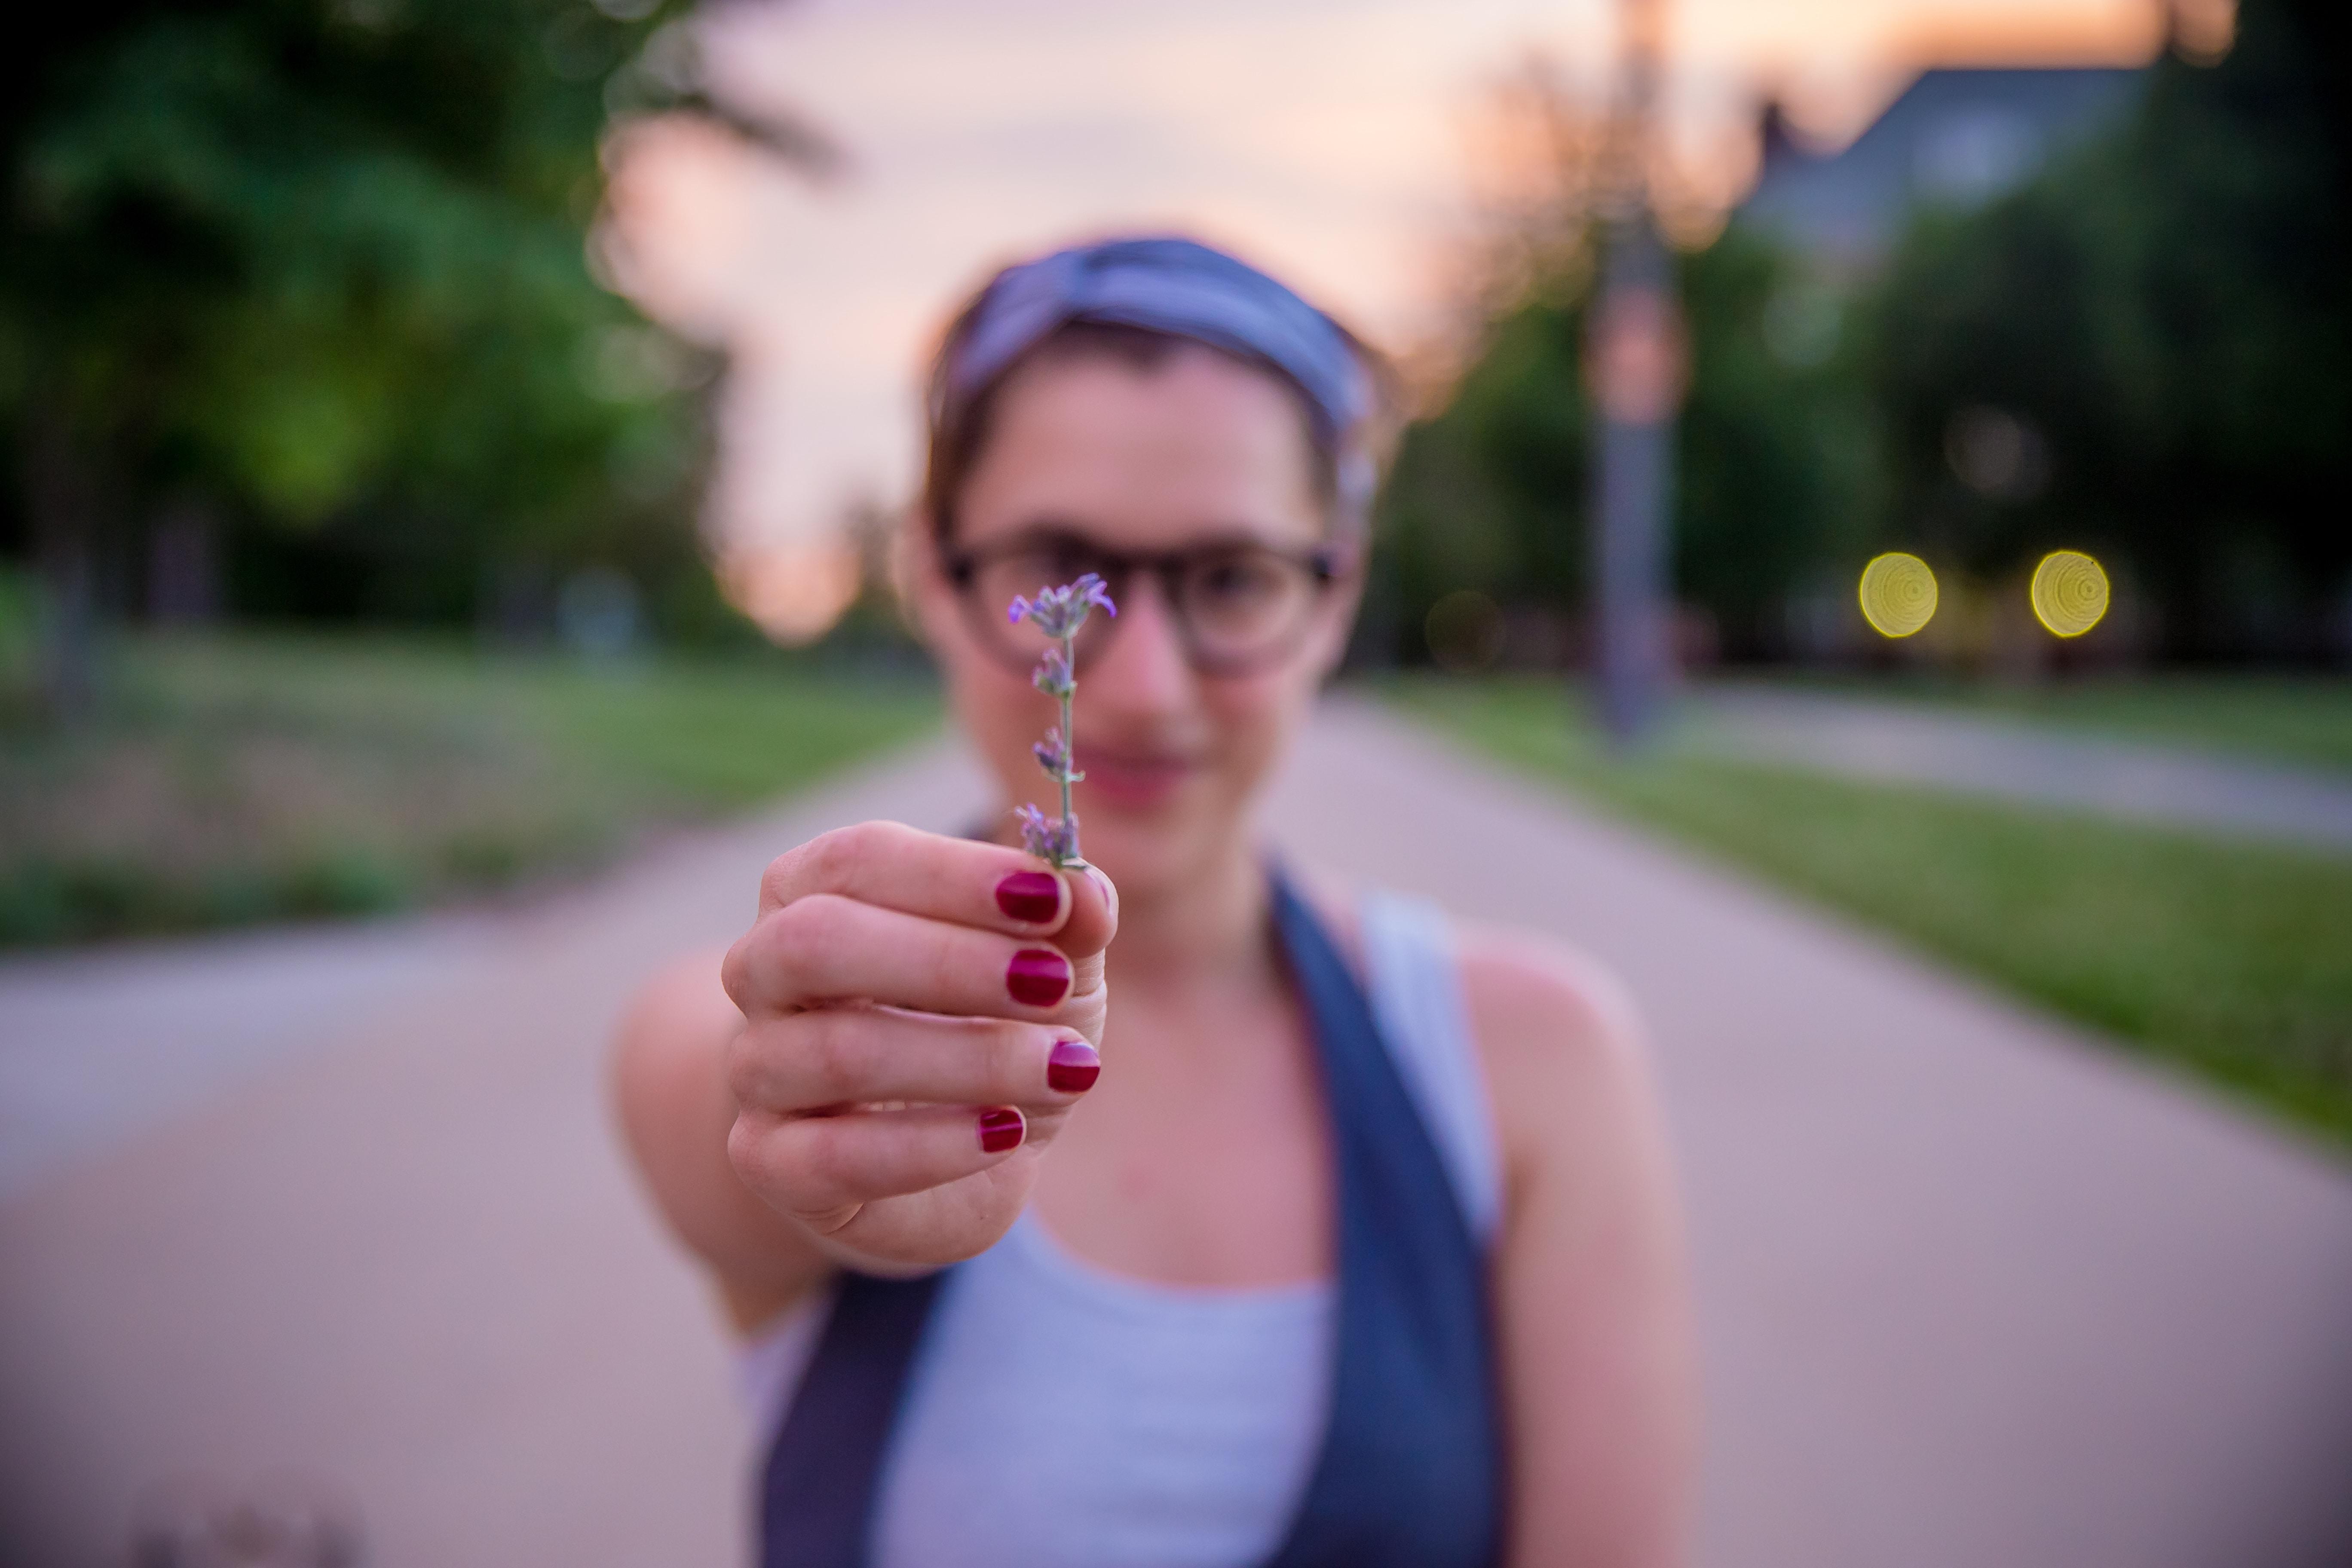 Frau hält kleine Blume